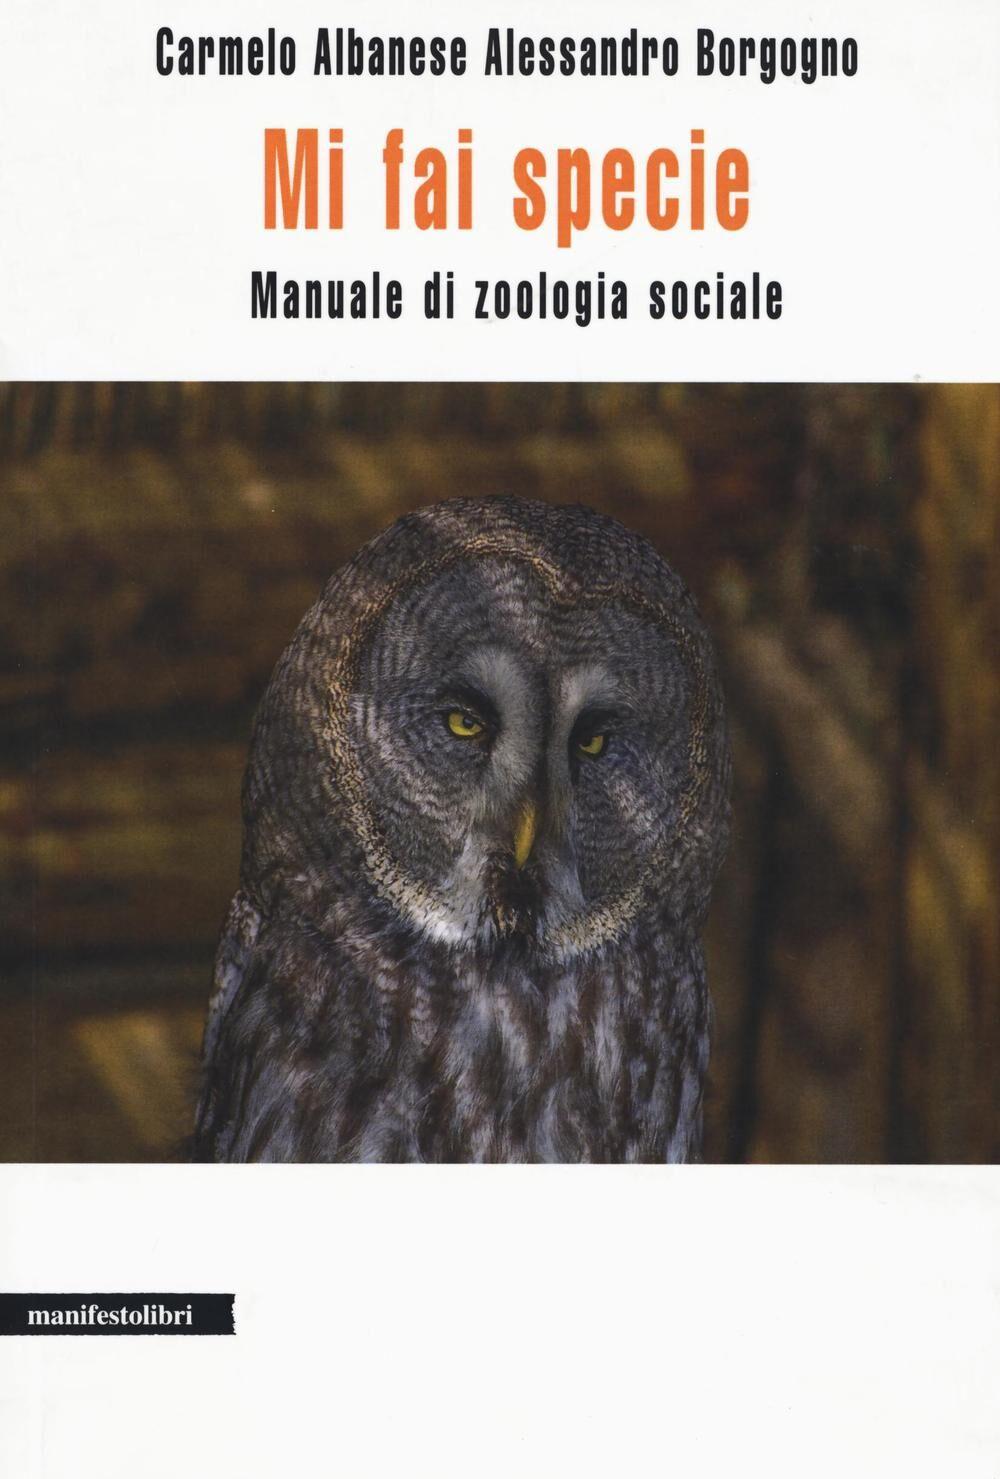 Mi fai specie. Manuale di zoologia sociale